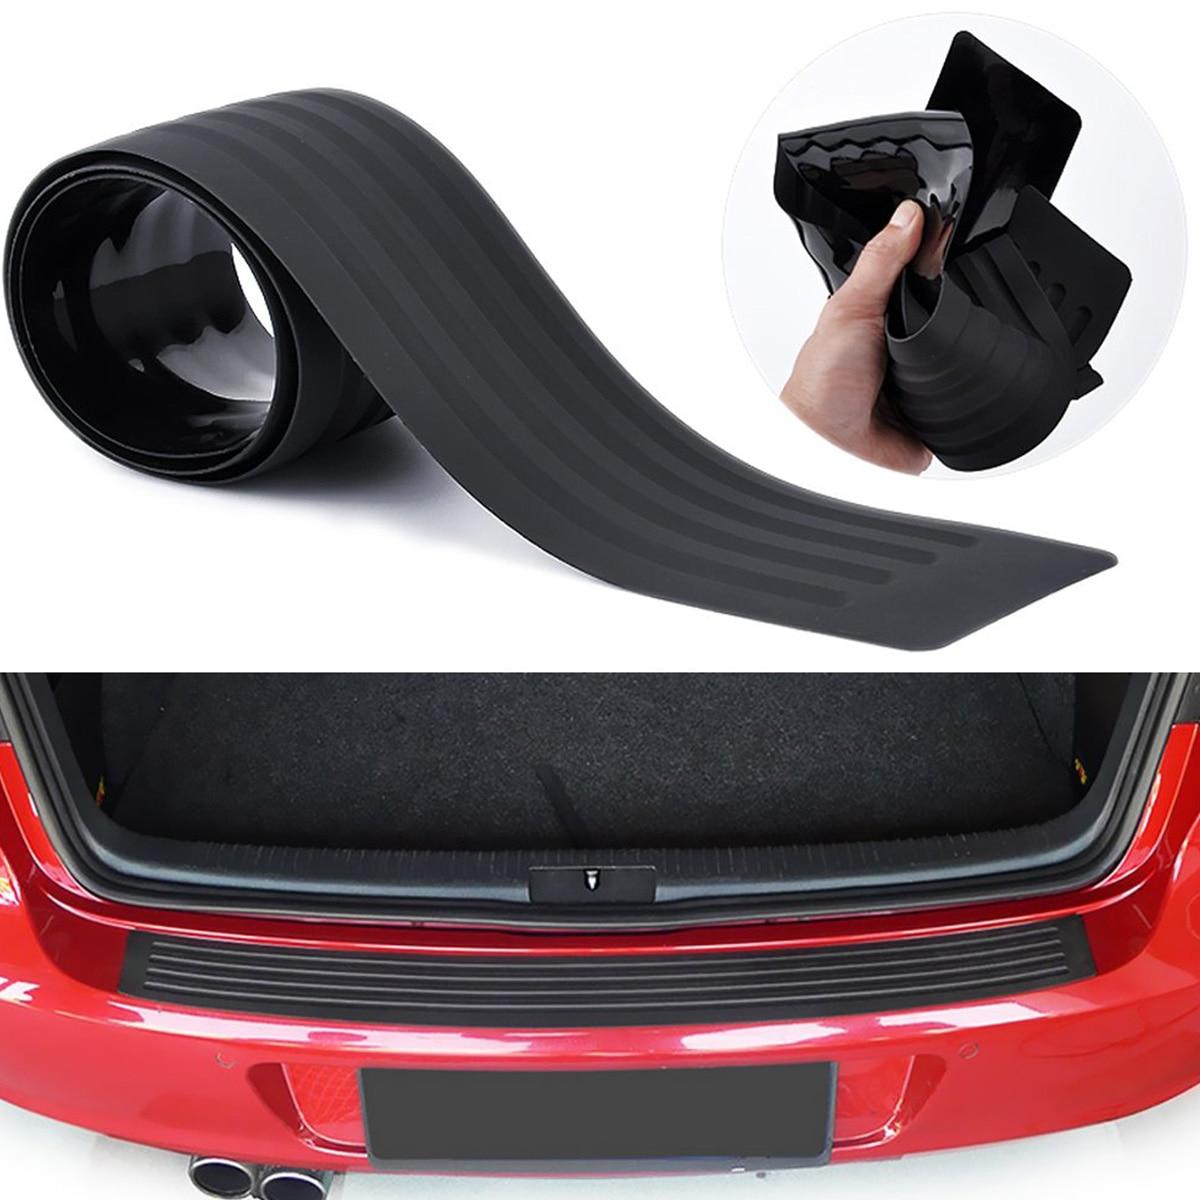 Защита для заднего бампера автомобиля, универсальная черная резиновая защита от царапин для входной двери багажника, аксессуары, Накладка ...